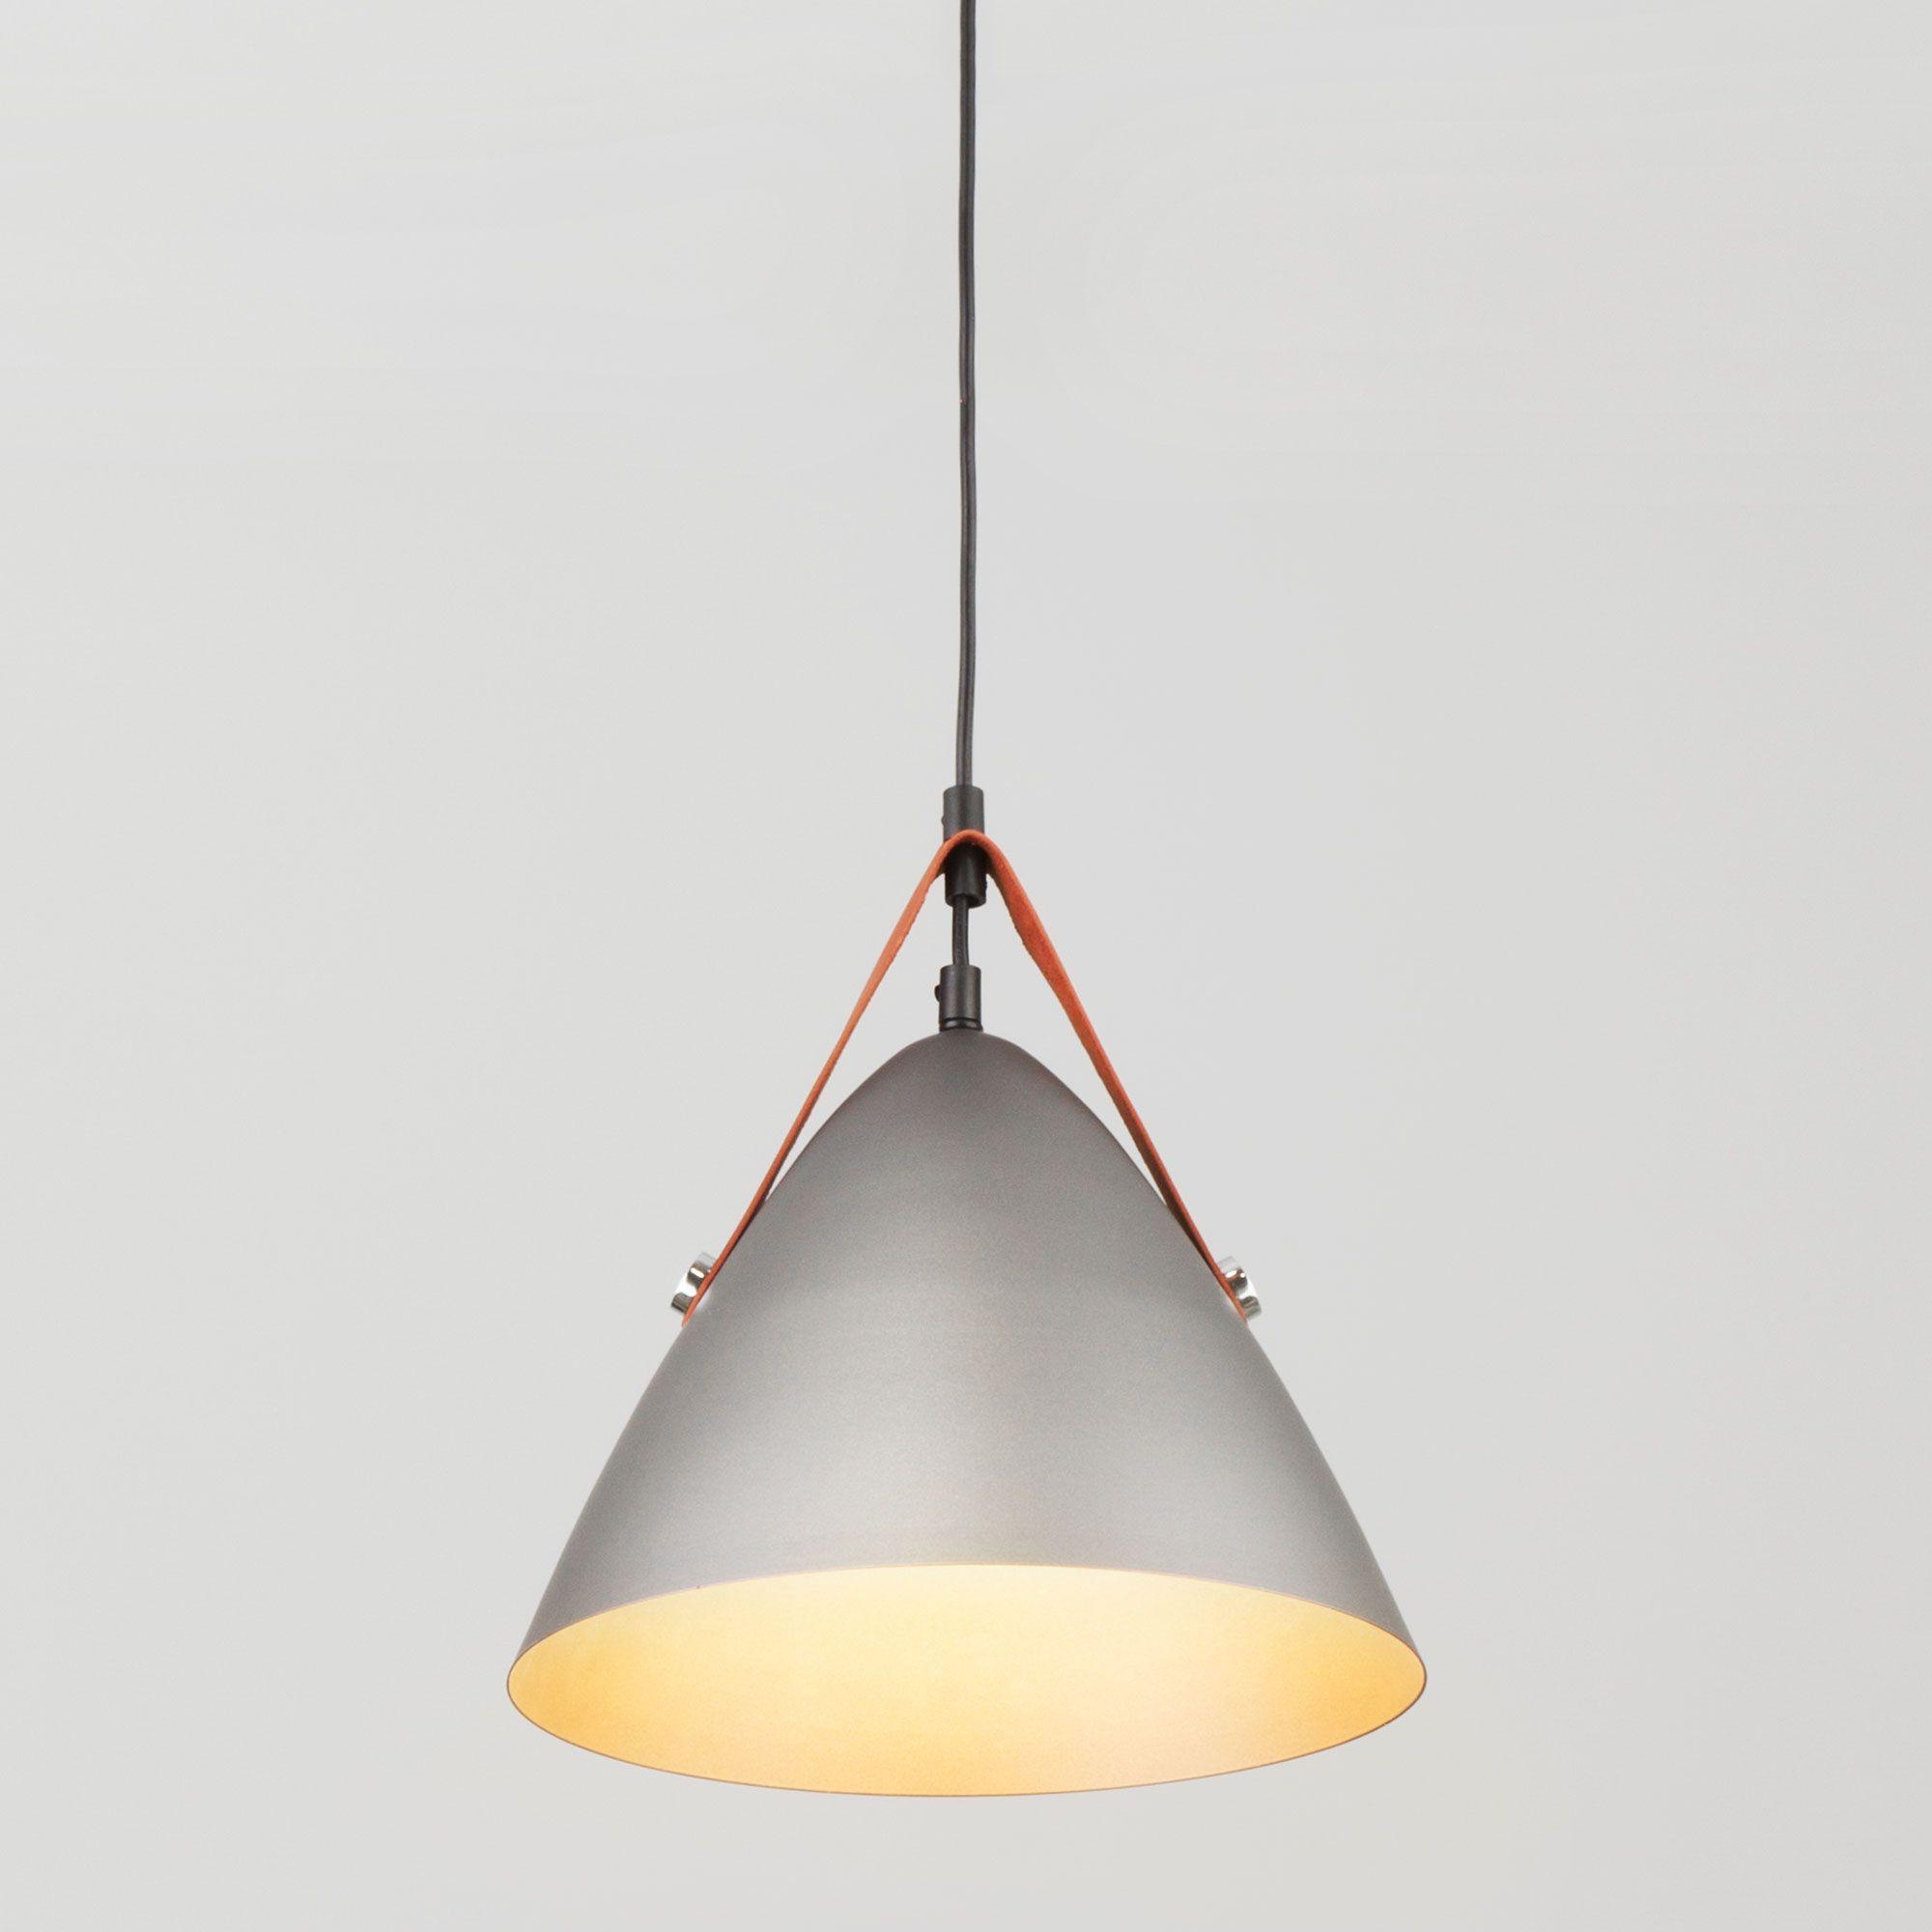 Подвесная люстра в стиле лофт 50141/1 серый